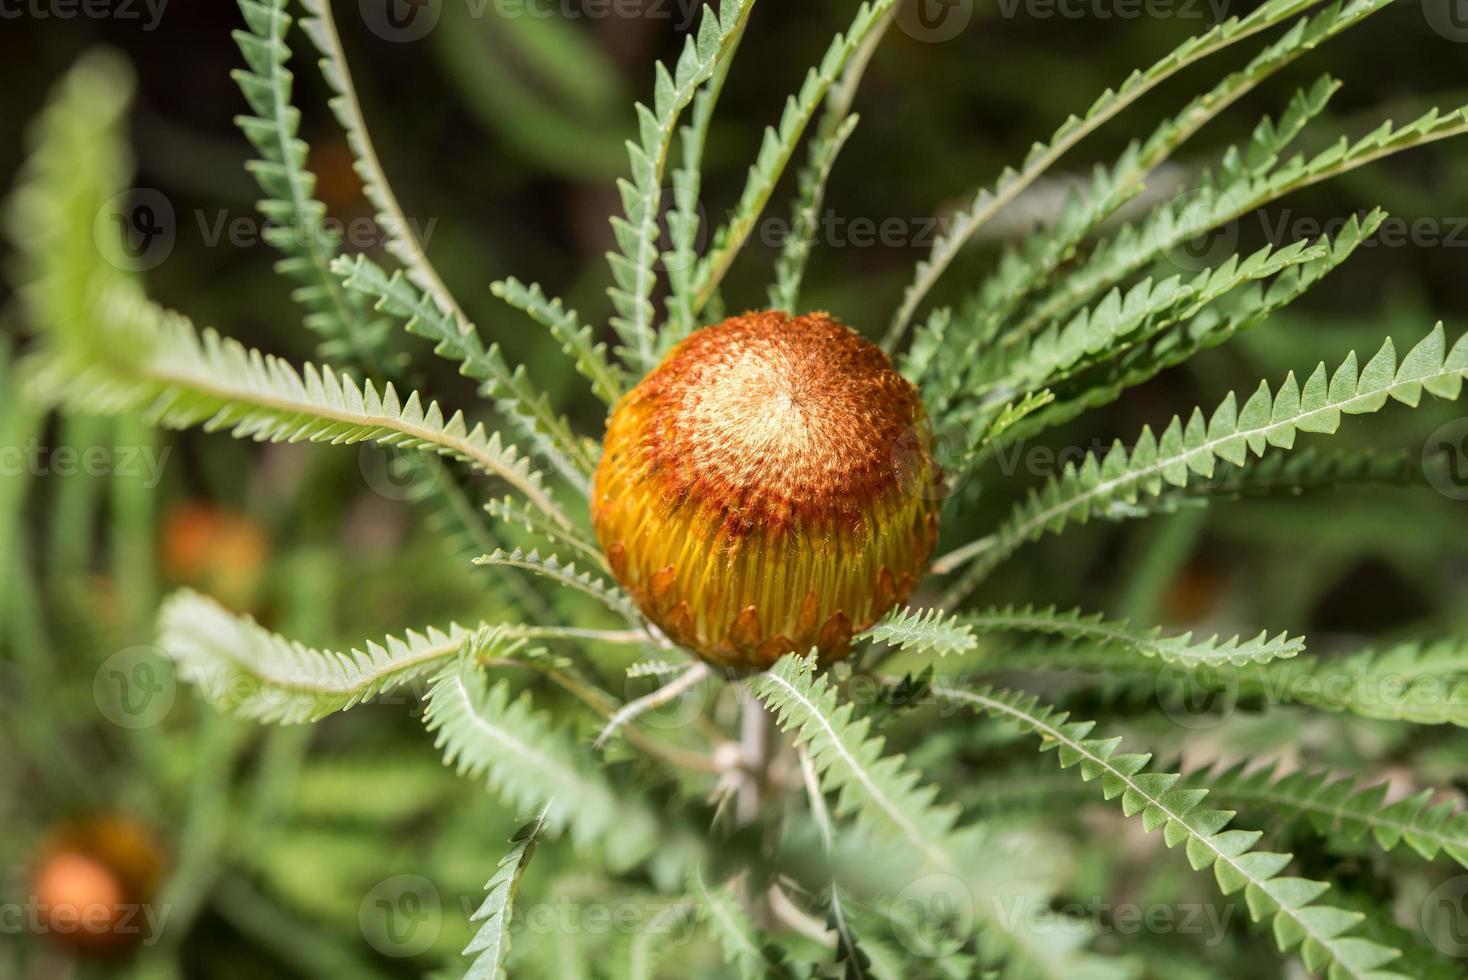 australien bush flora blommor detalj Banksia blomma foto